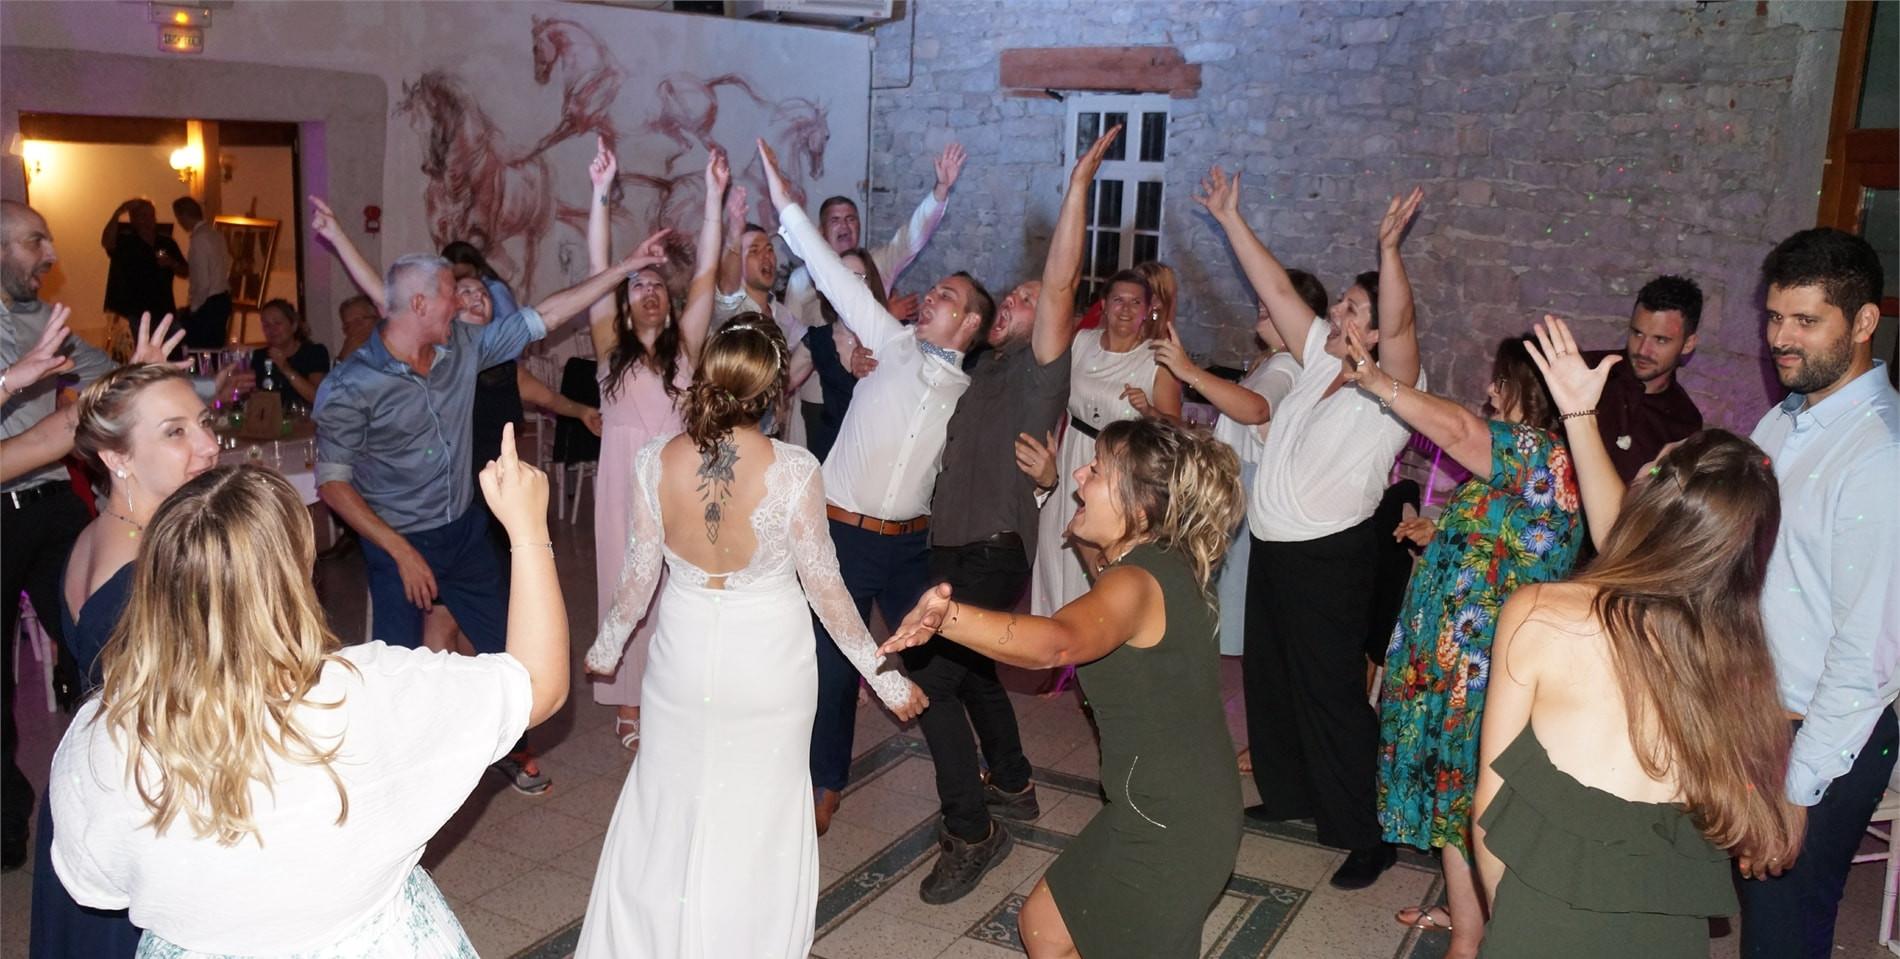 Tous le monde danse sur le dancefloor